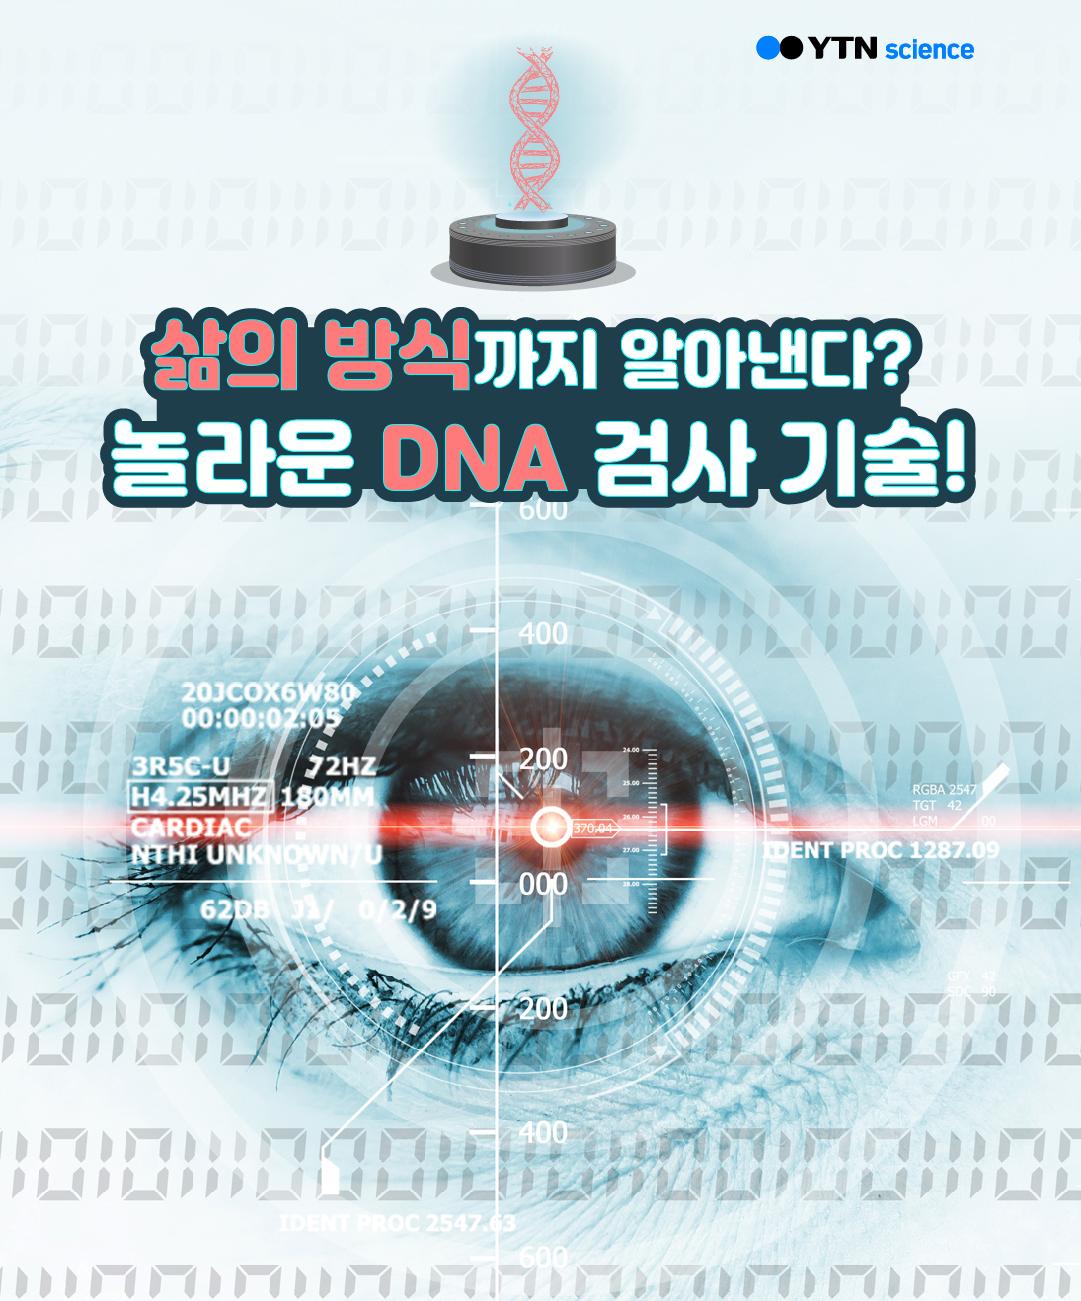 삶의 방식까지 알아낸다? 놀라운 DNA 검사 기술! 이미지